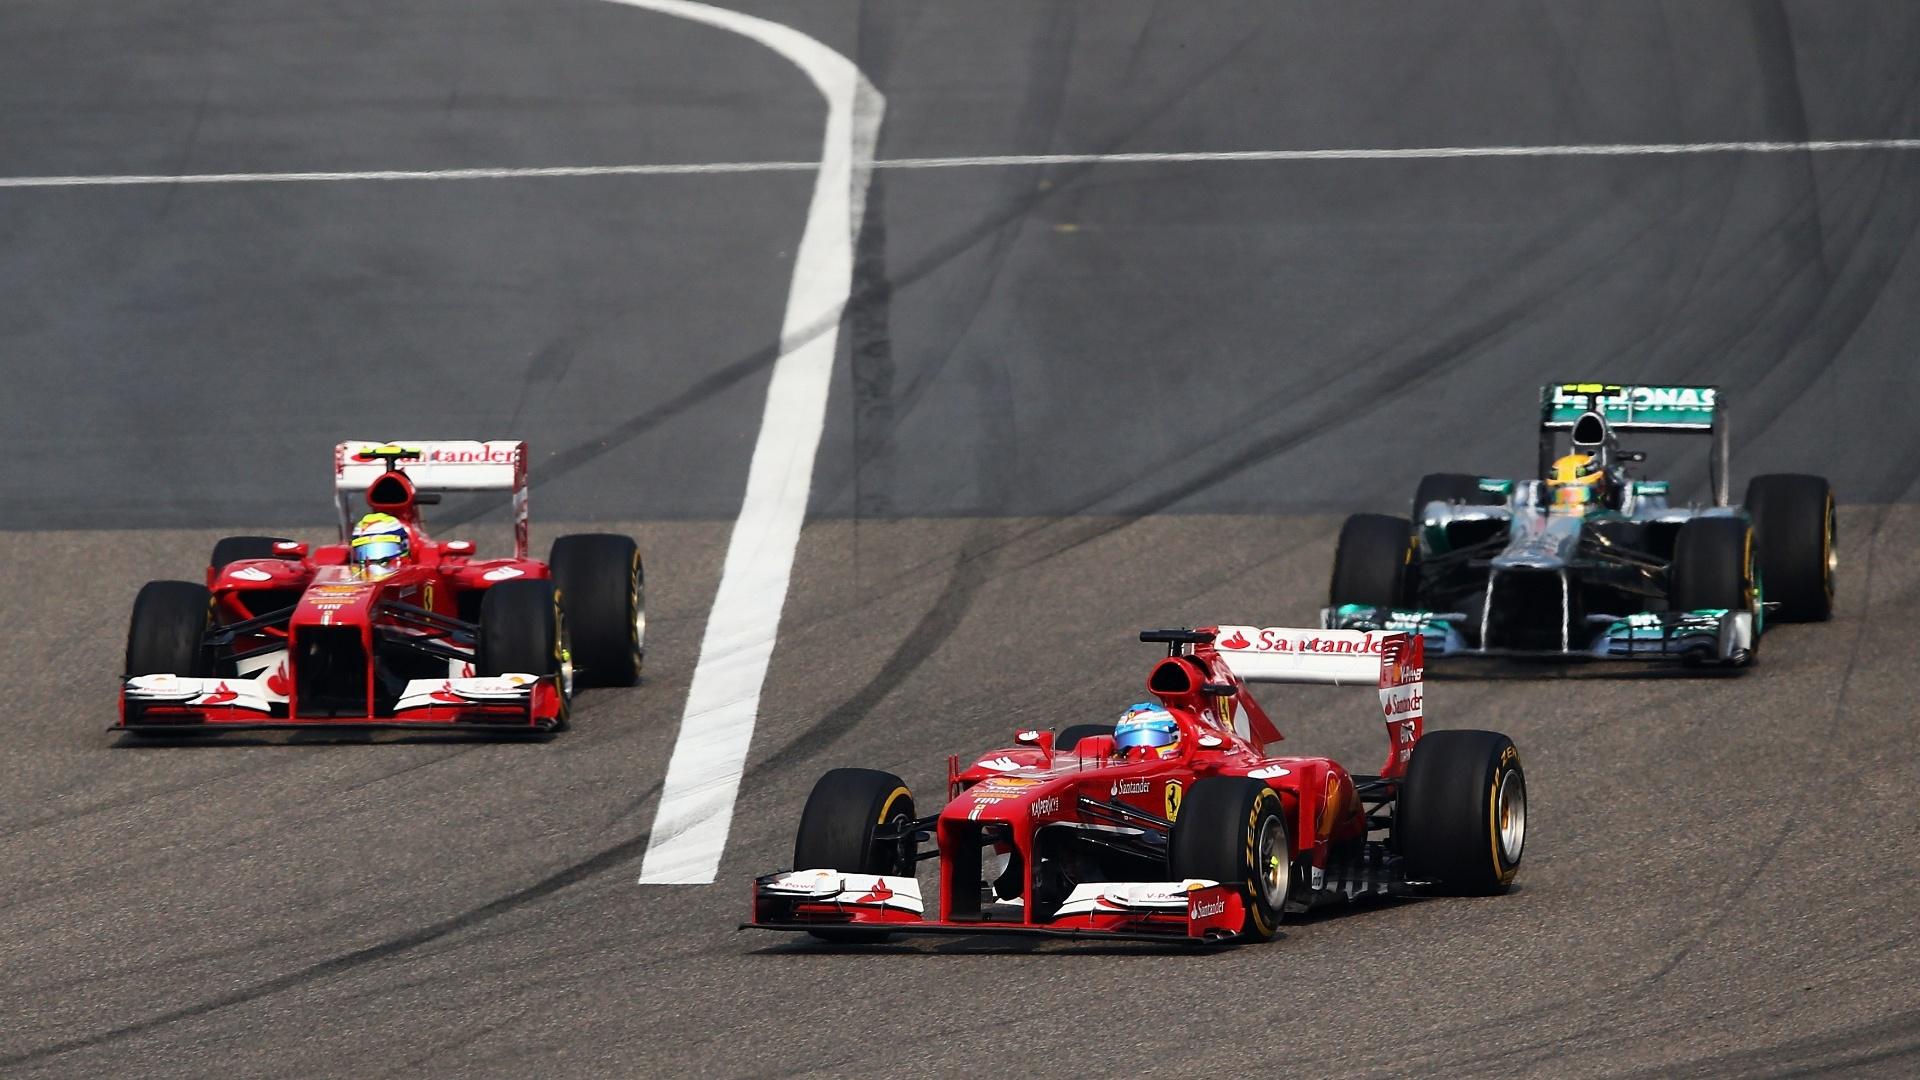 14.abr.2013 - Lewis Hamilton não suportou a pressão das Ferraris nas primeiras voltas do GP da China e foi ultrapassado por Fernando Alonso e Felipe Massa